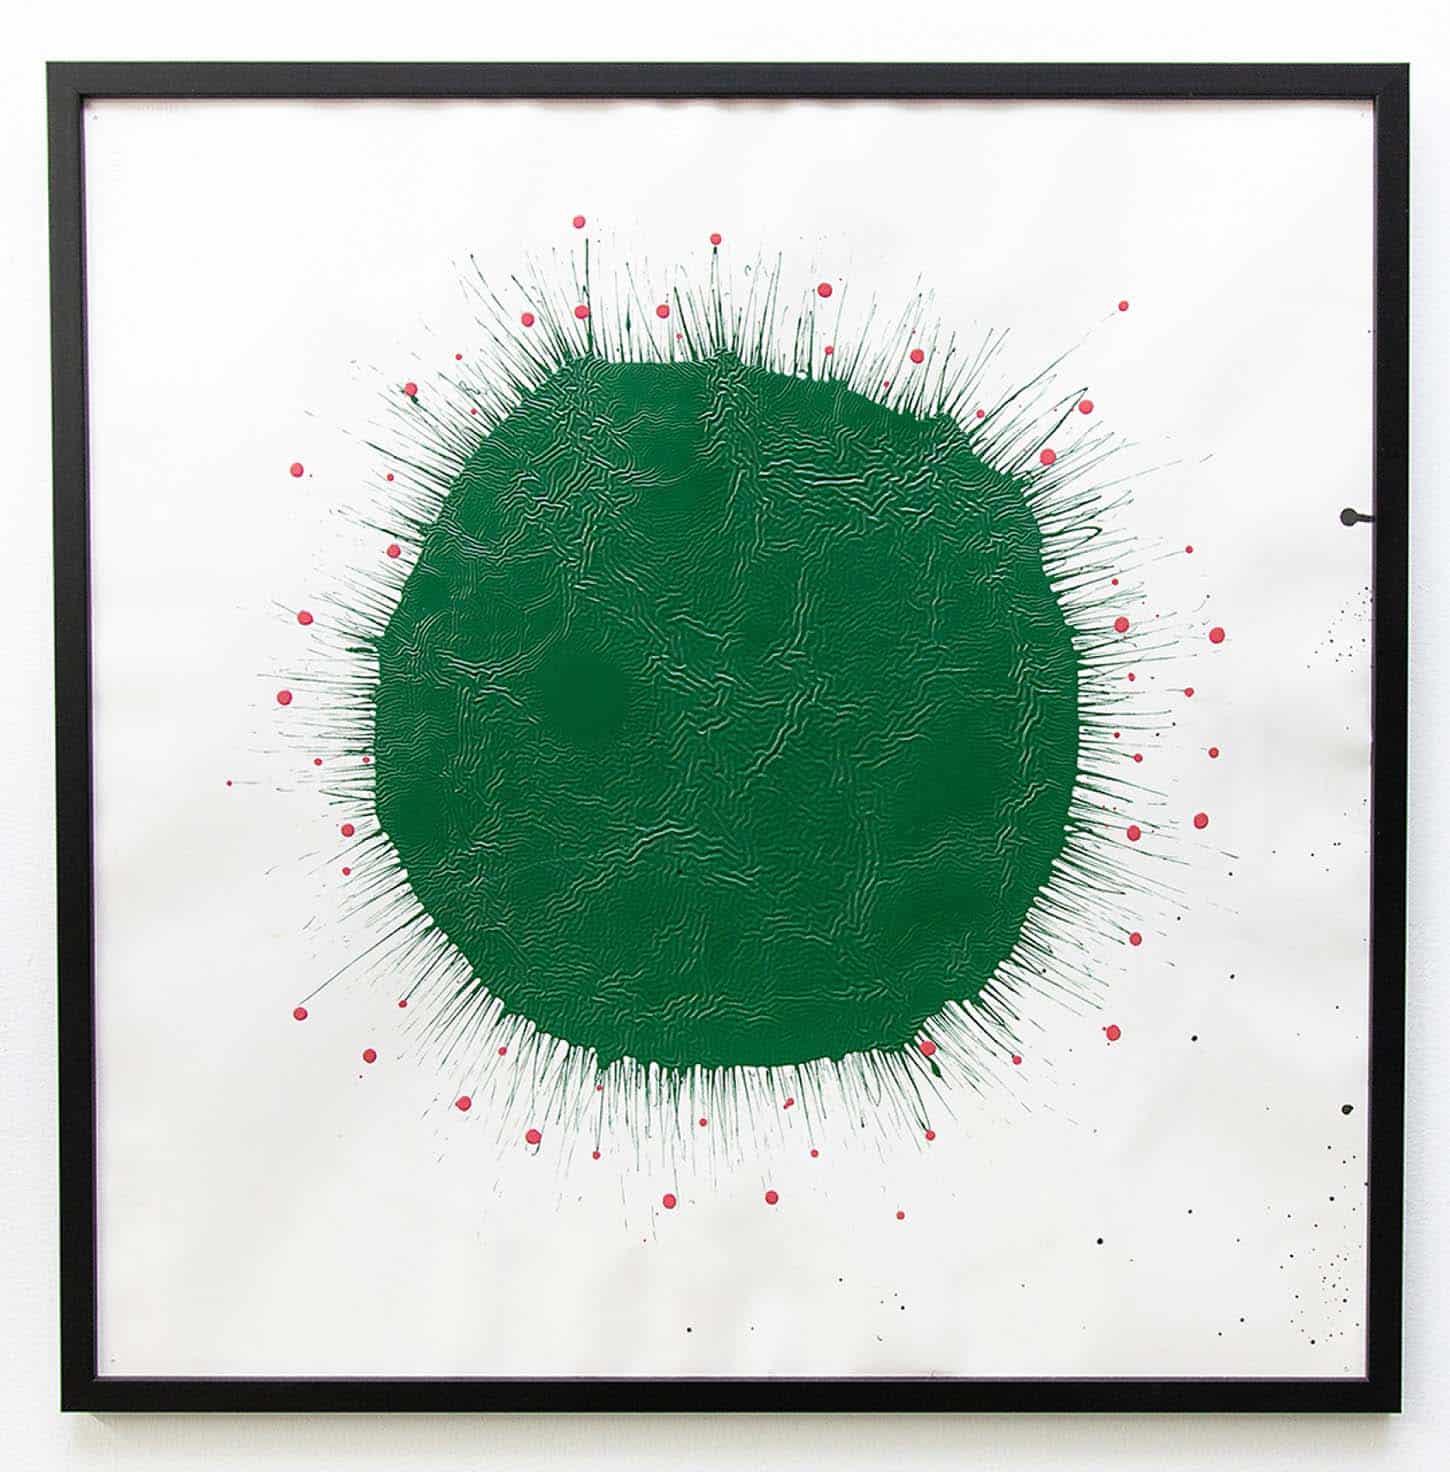 Stéphane Steiner, Sans titre (Green stain), 2005, acrylique et encre sur papier, 57 x 57 cm